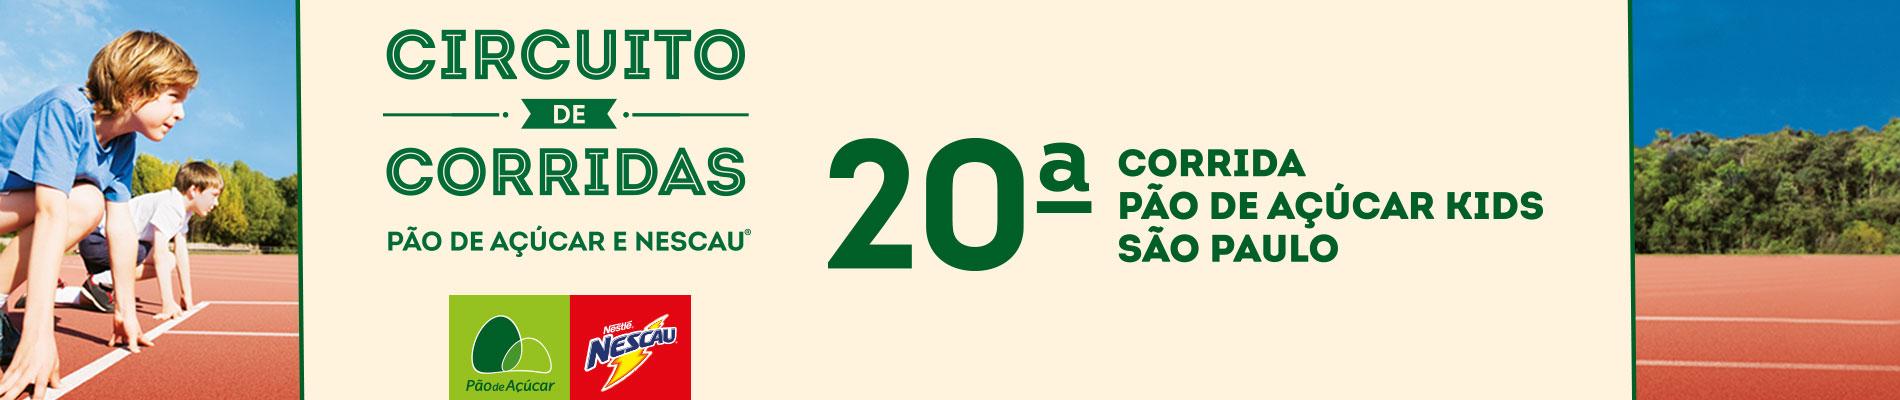 20ª CORRIDA PÃO DE AÇÚCAR KIDS - Imagem de topo